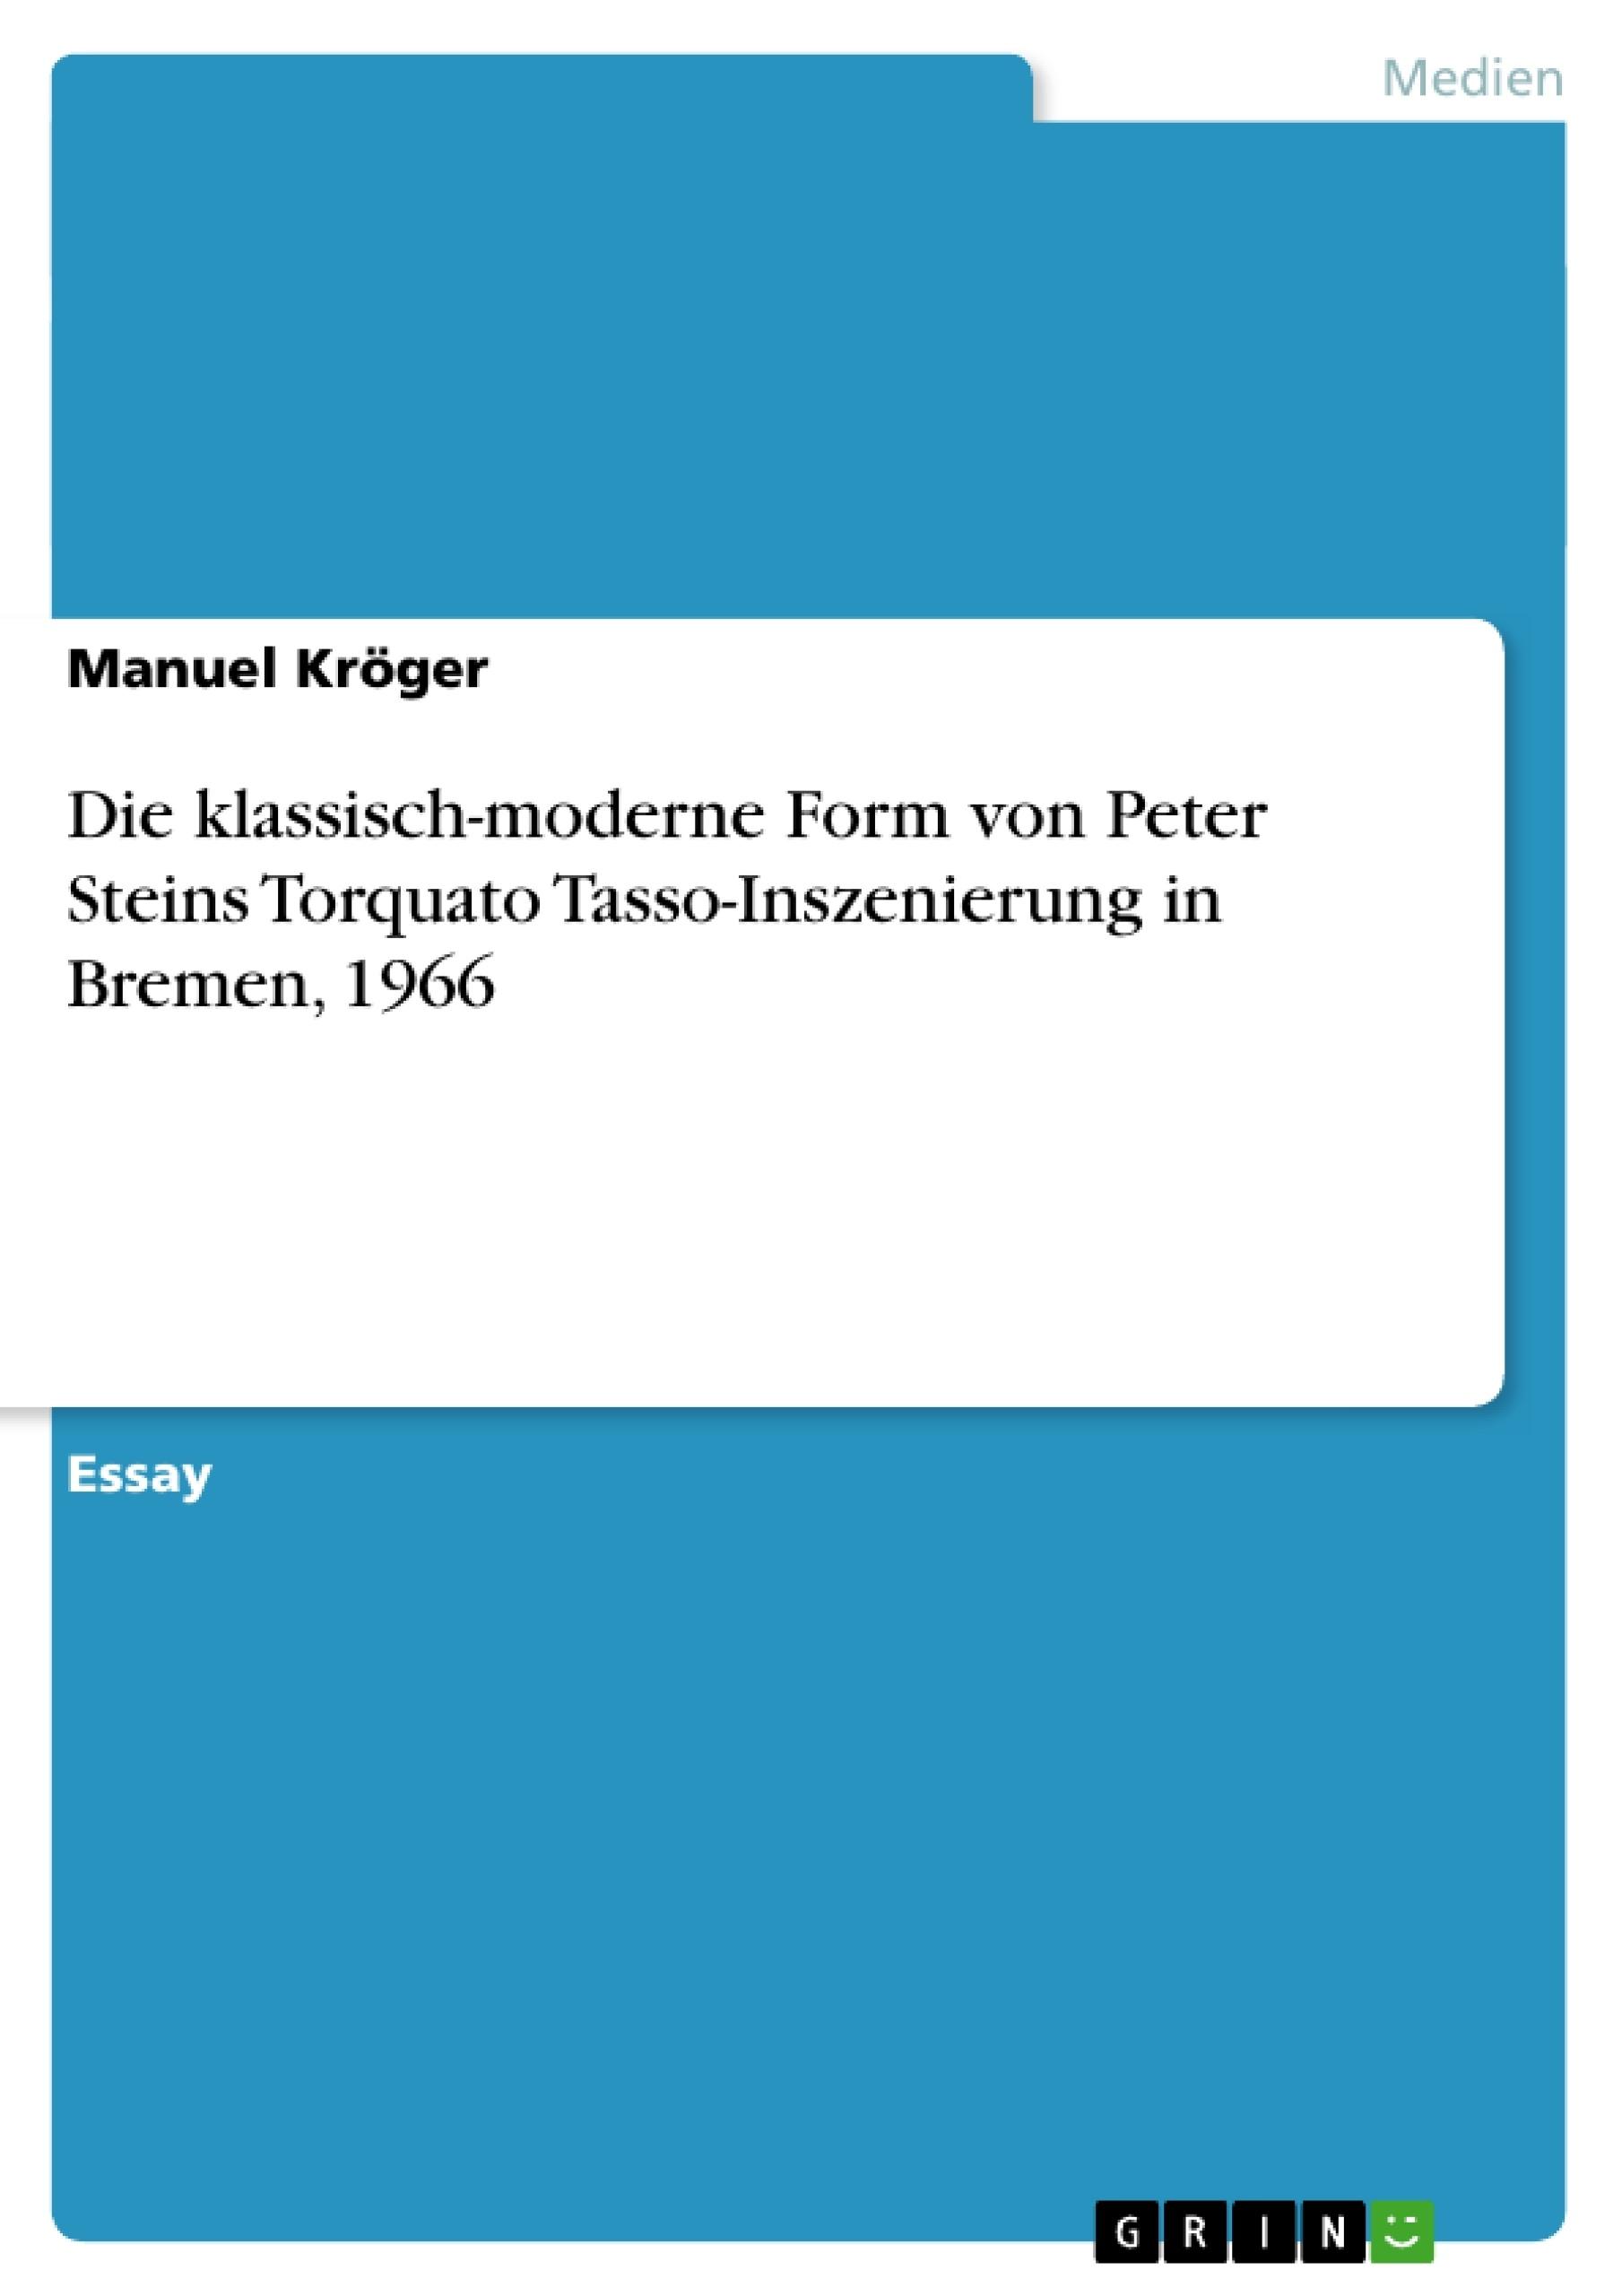 Titel: Die klassisch-moderne Form von Peter Steins Torquato Tasso-Inszenierung in Bremen, 1966